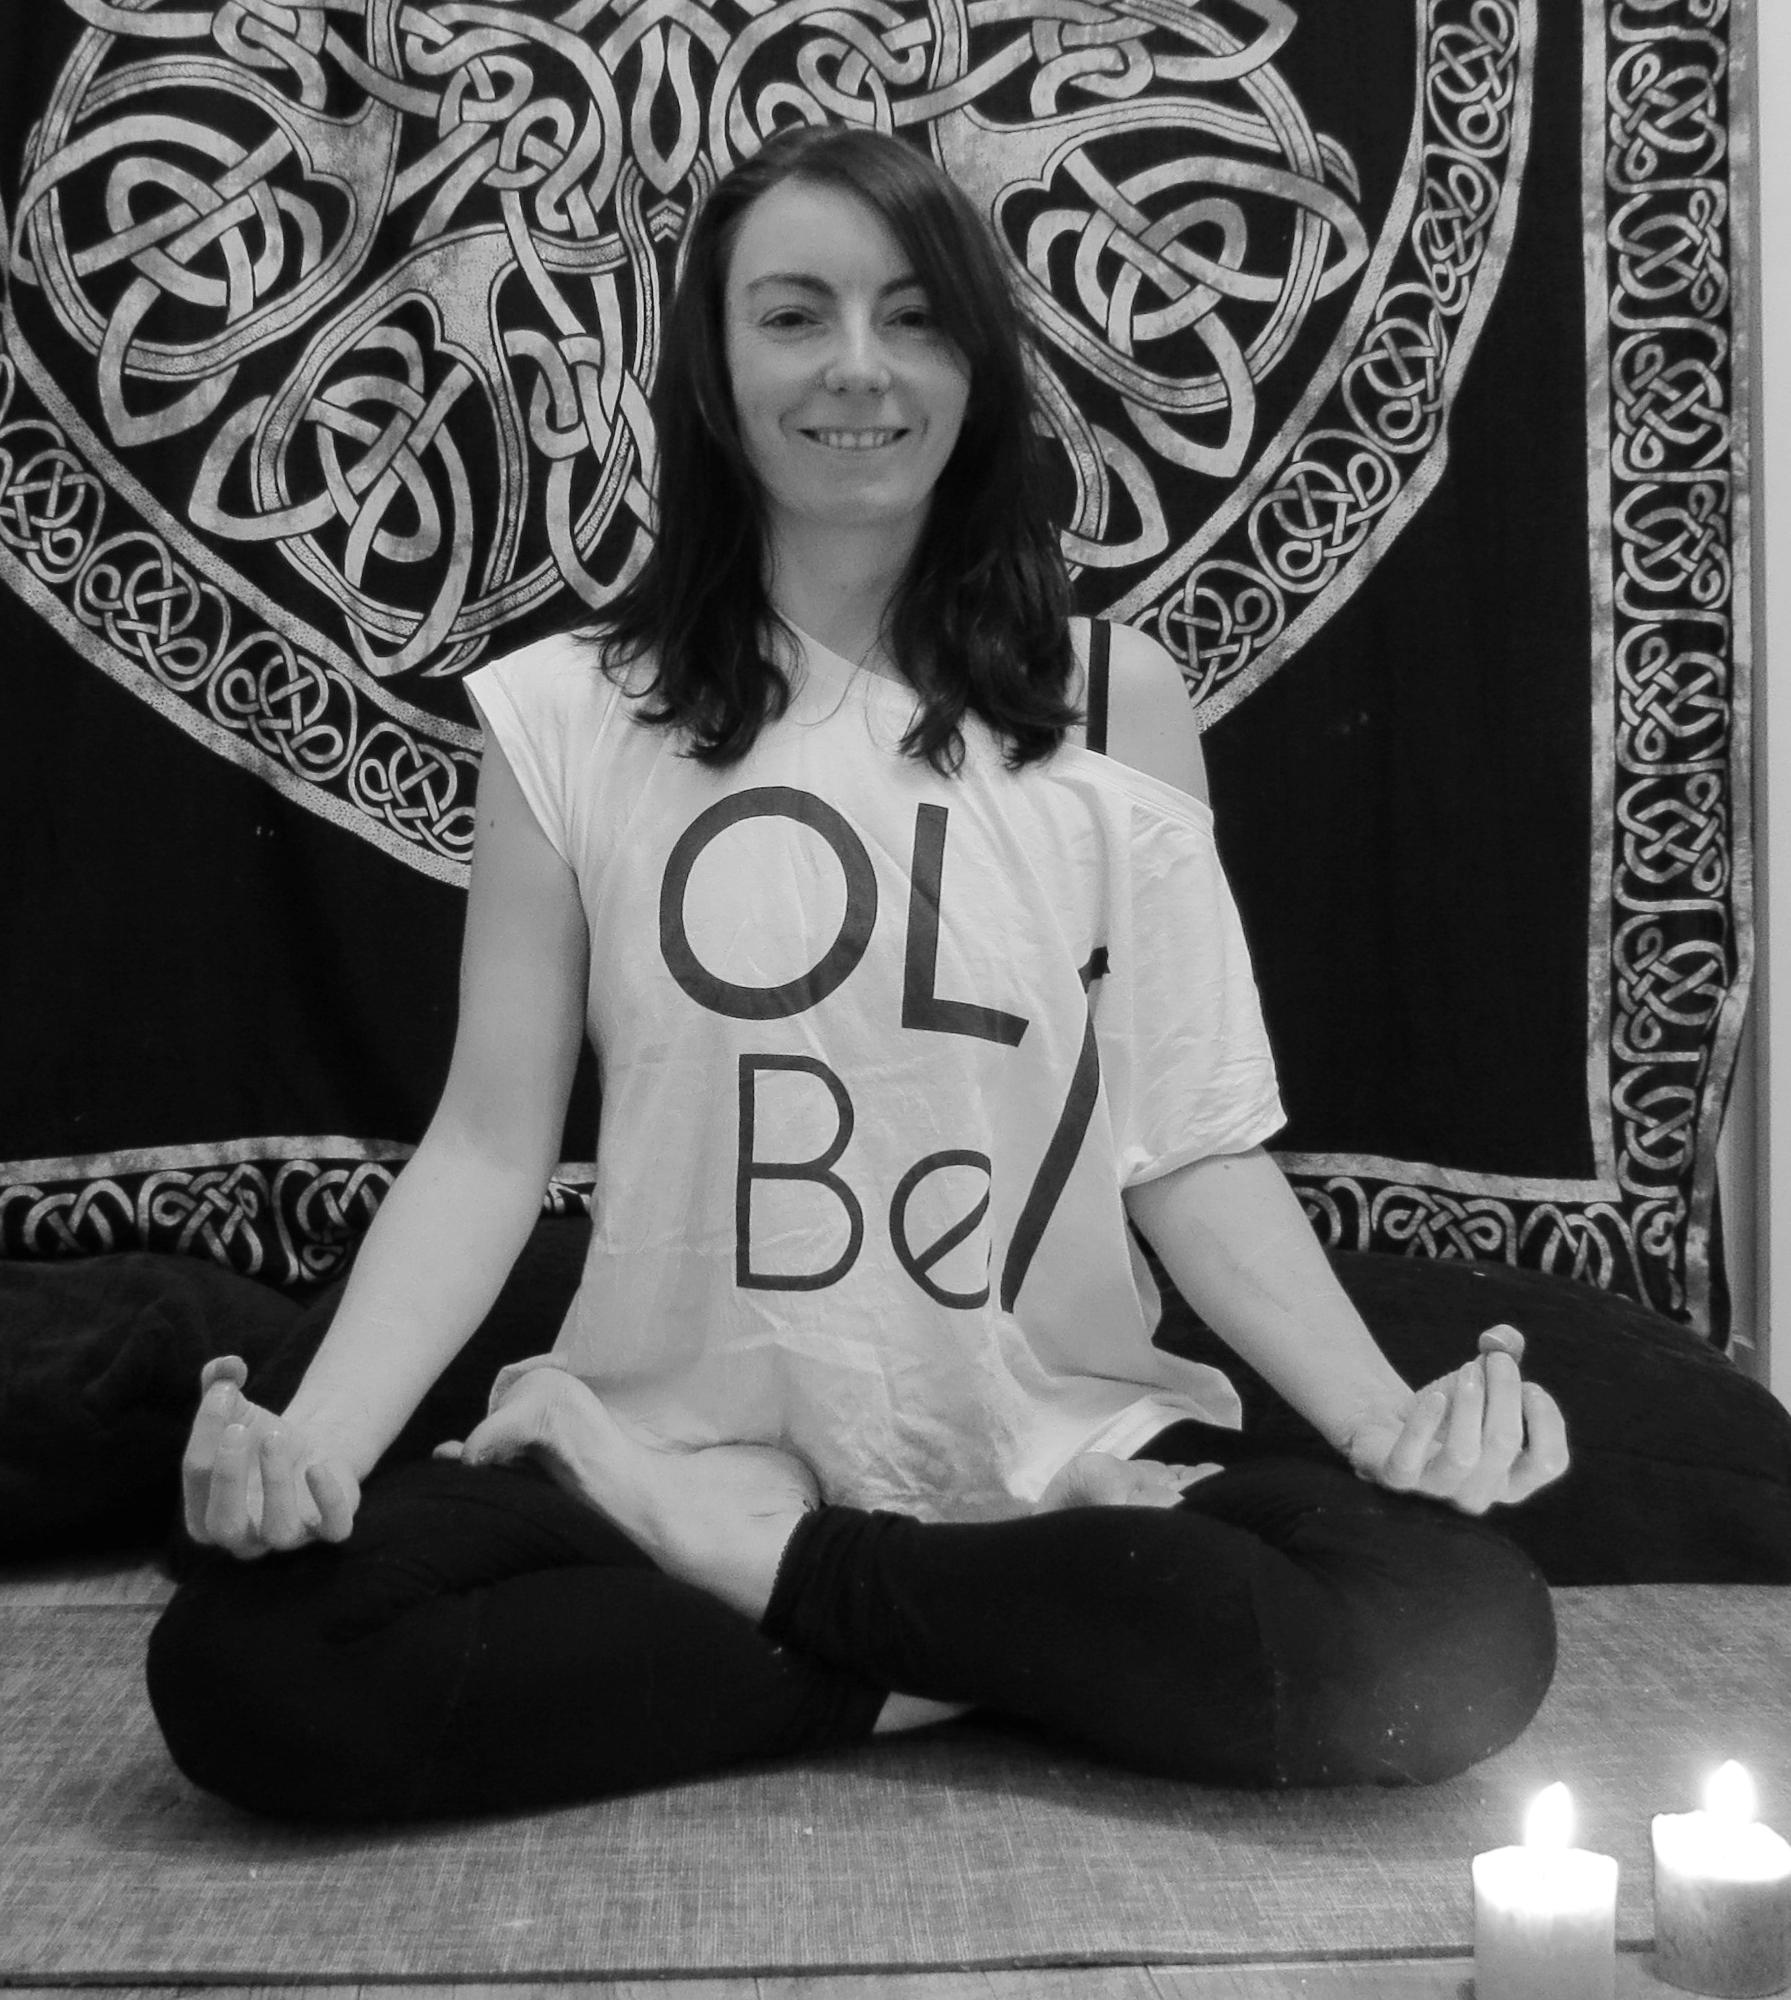 AUDE    Aude  a découvert le yoga il y a une dizaine d'année et à commencé à pratiquer régulièrement lors de ses nombreux voyages, en particulier en Australie. Désormais installée à Nantes, elle travaille dans l'export et suit en parallèle une formation pour devenir prof de Yoga et partager encore plus de zen !